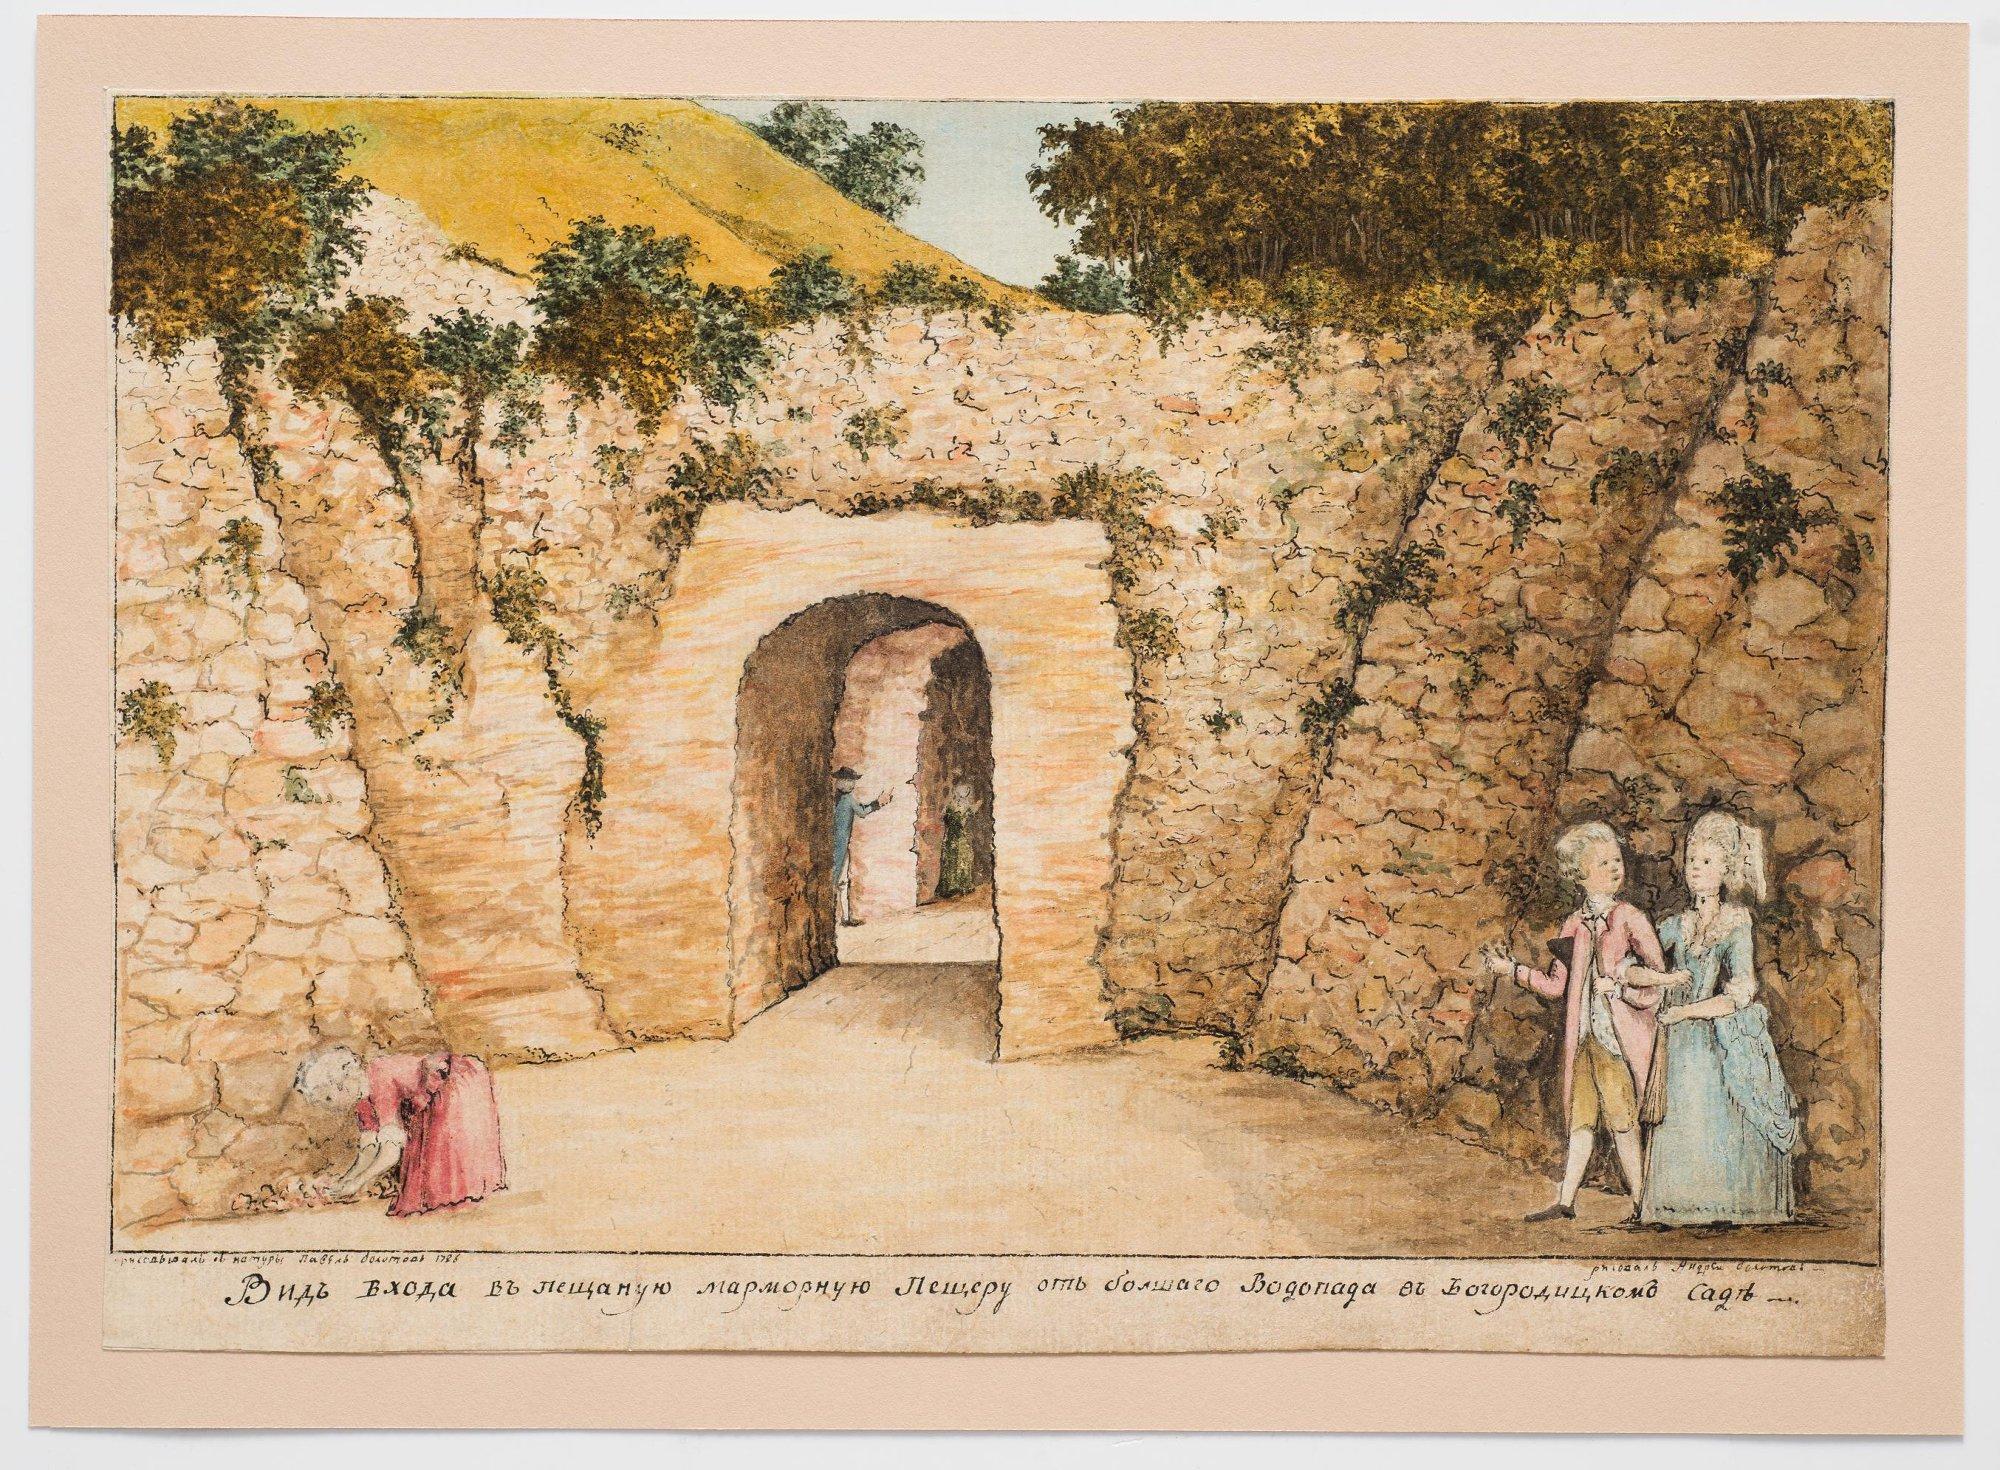 Вид на вход в пещеру от водопада в Богородицком парке (Вид входа в пещаную марморную пещеру от большого водопада в Богородицком саде)